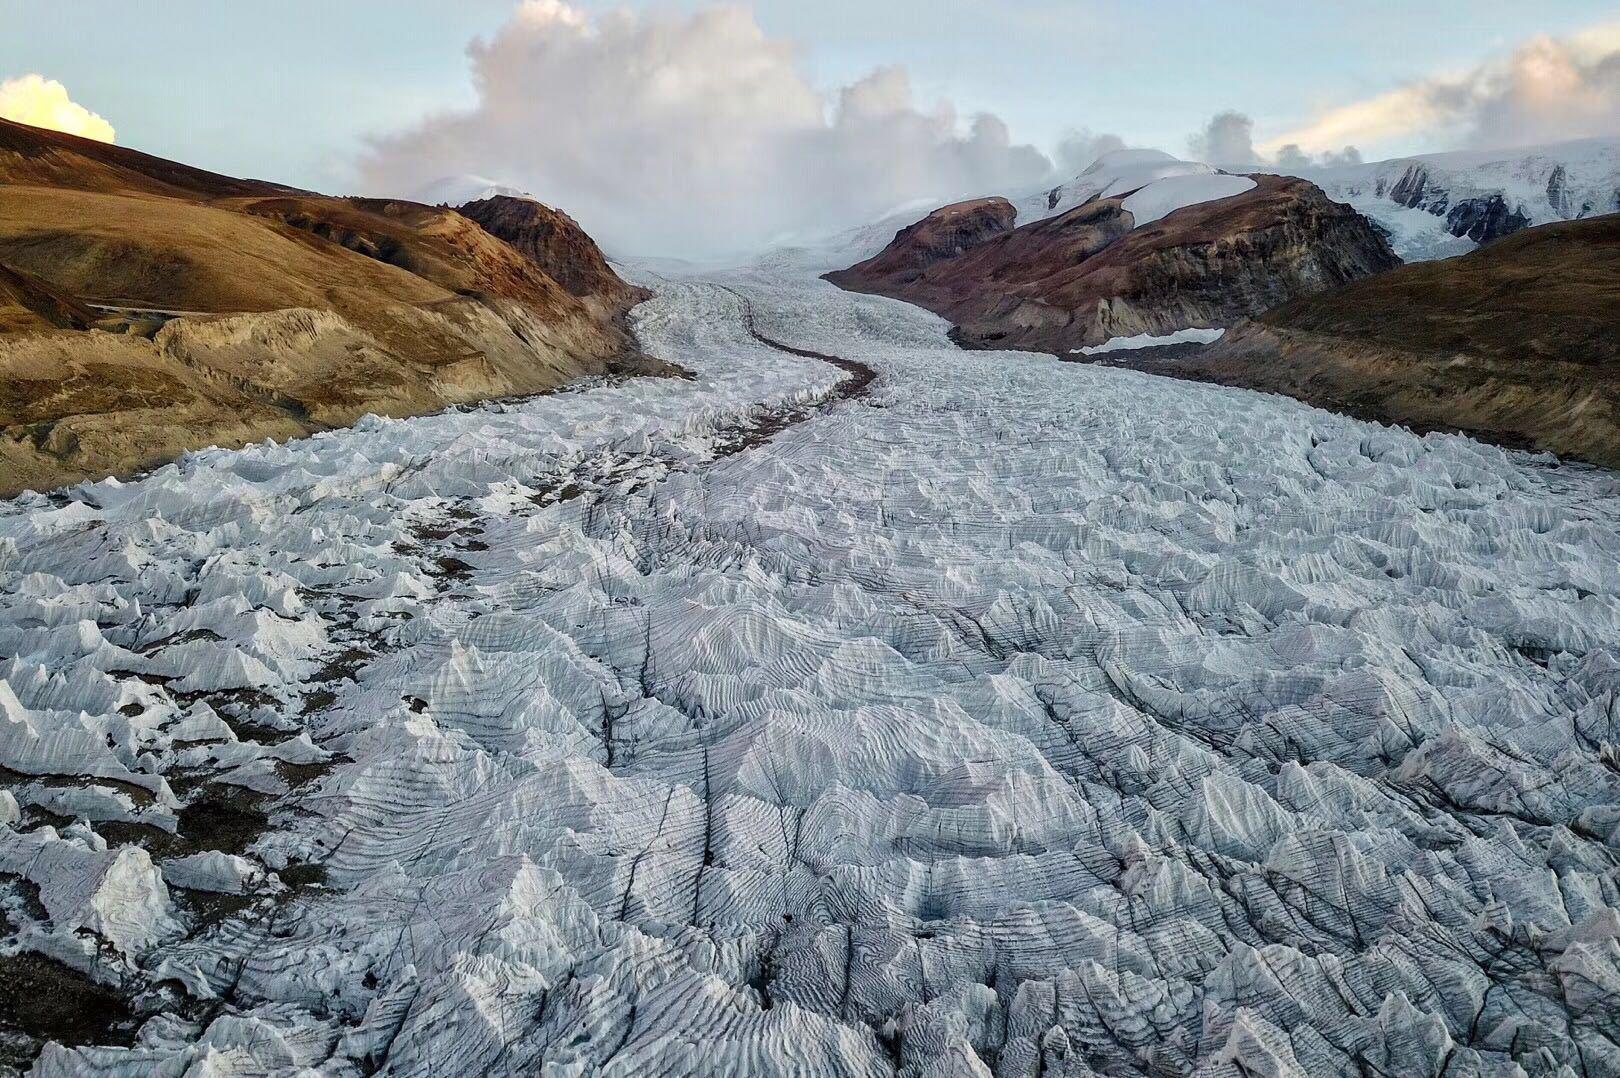 西藏不丹边境上的冰雪秘境40冰川 川藏线旅游攻略 第5张